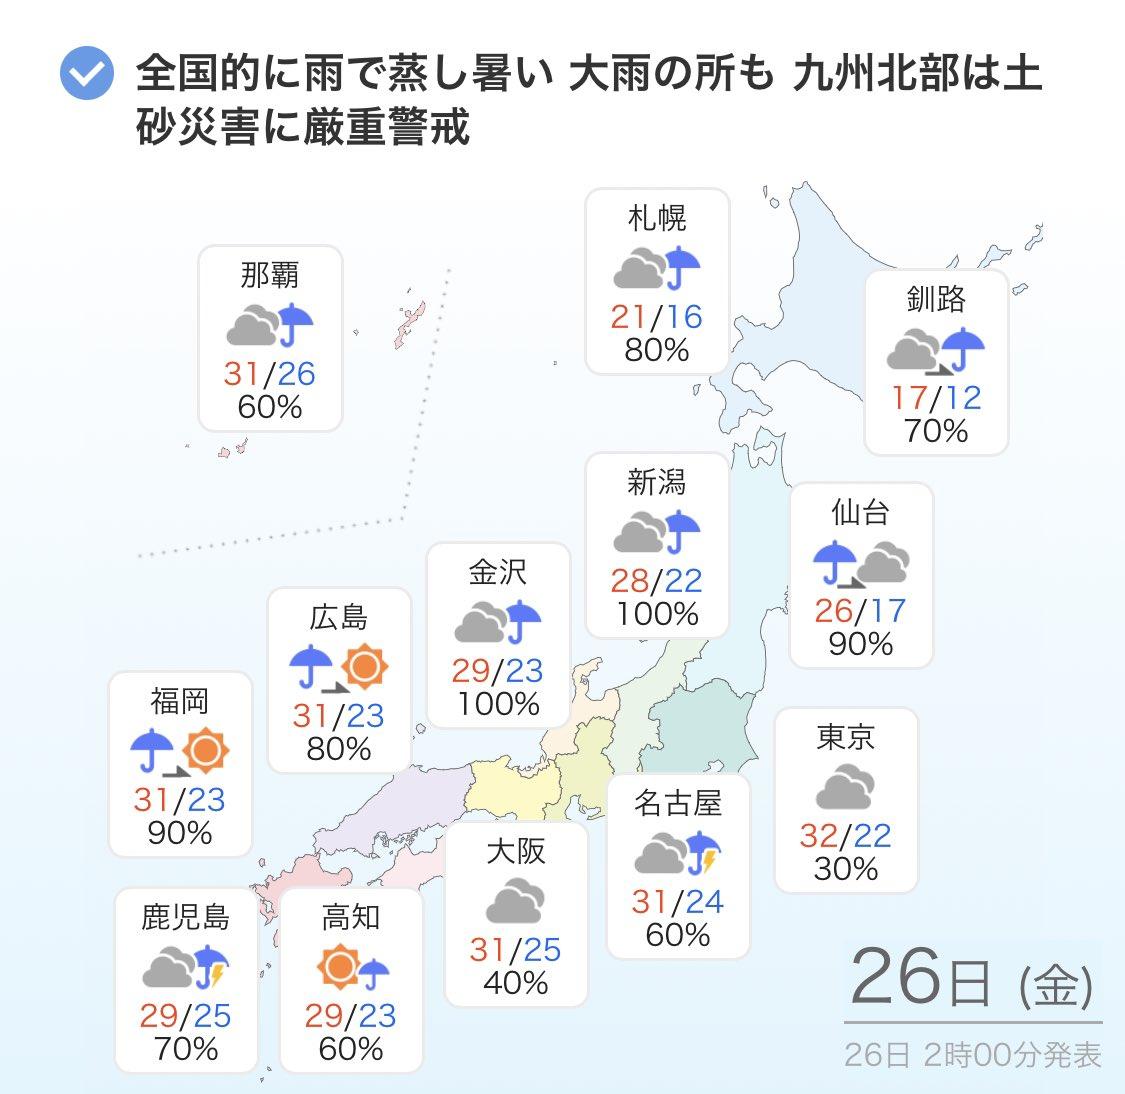 梅雨明け 2020 長崎